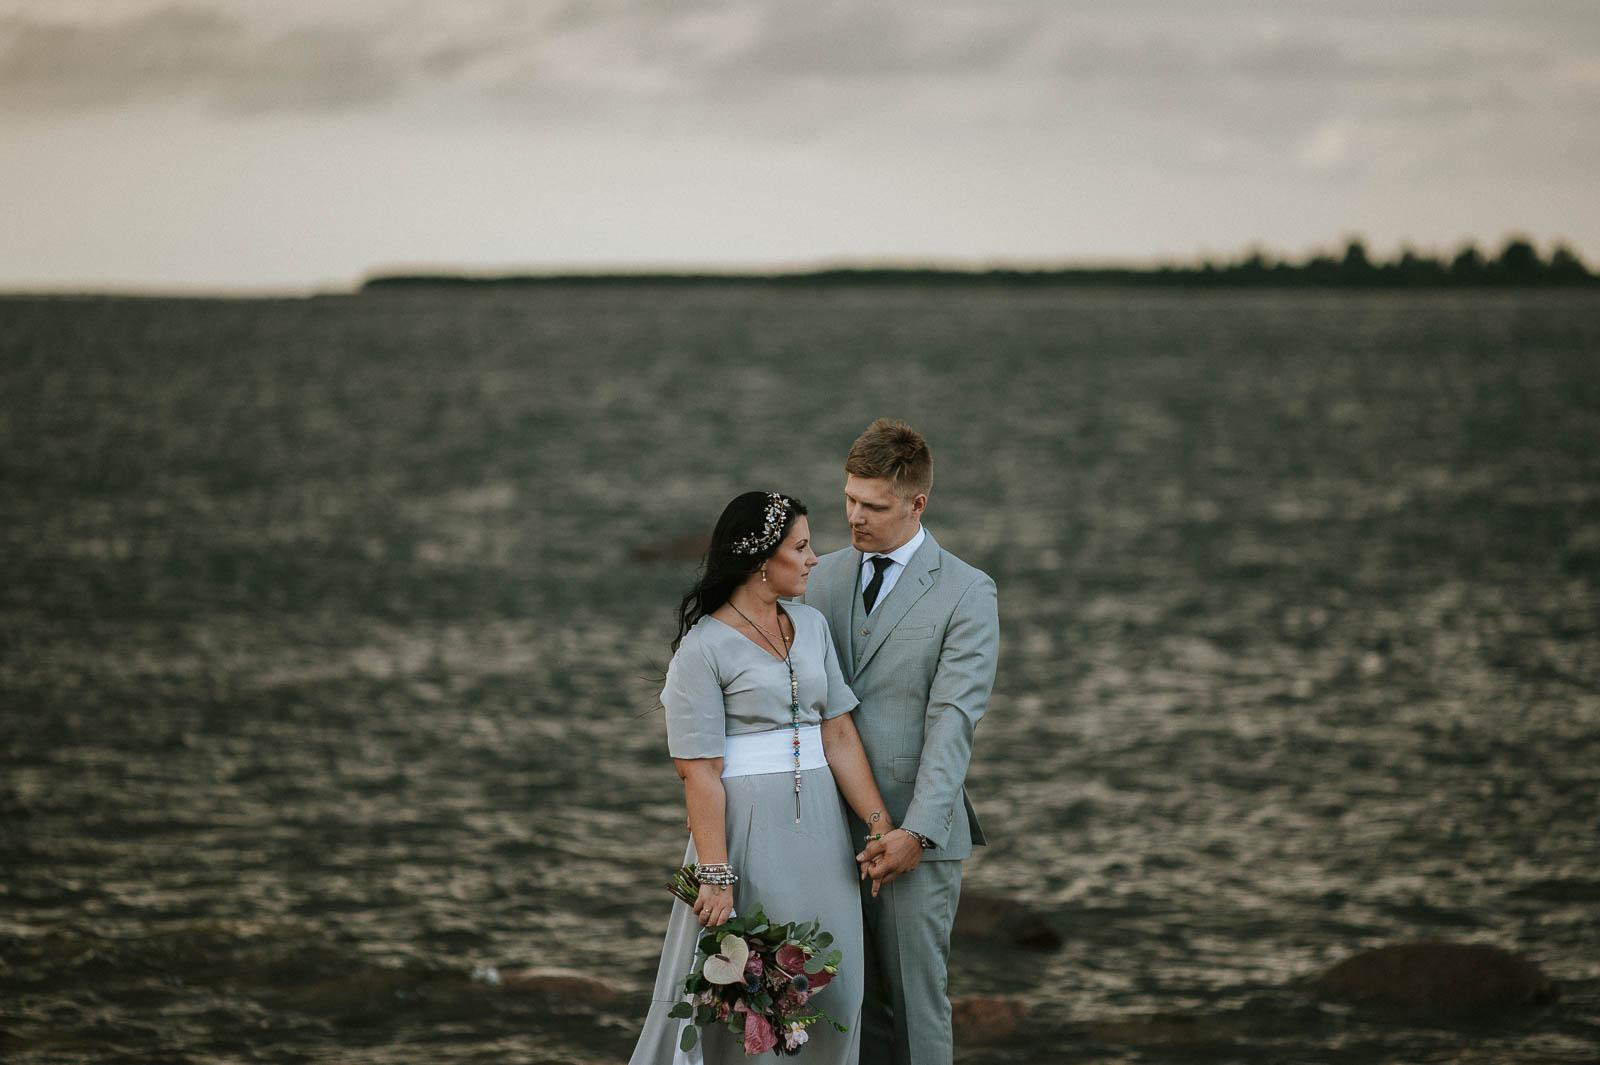 mari-liis-rannes-wedding-pulm-pulmafotograaf-mait-juriado-15